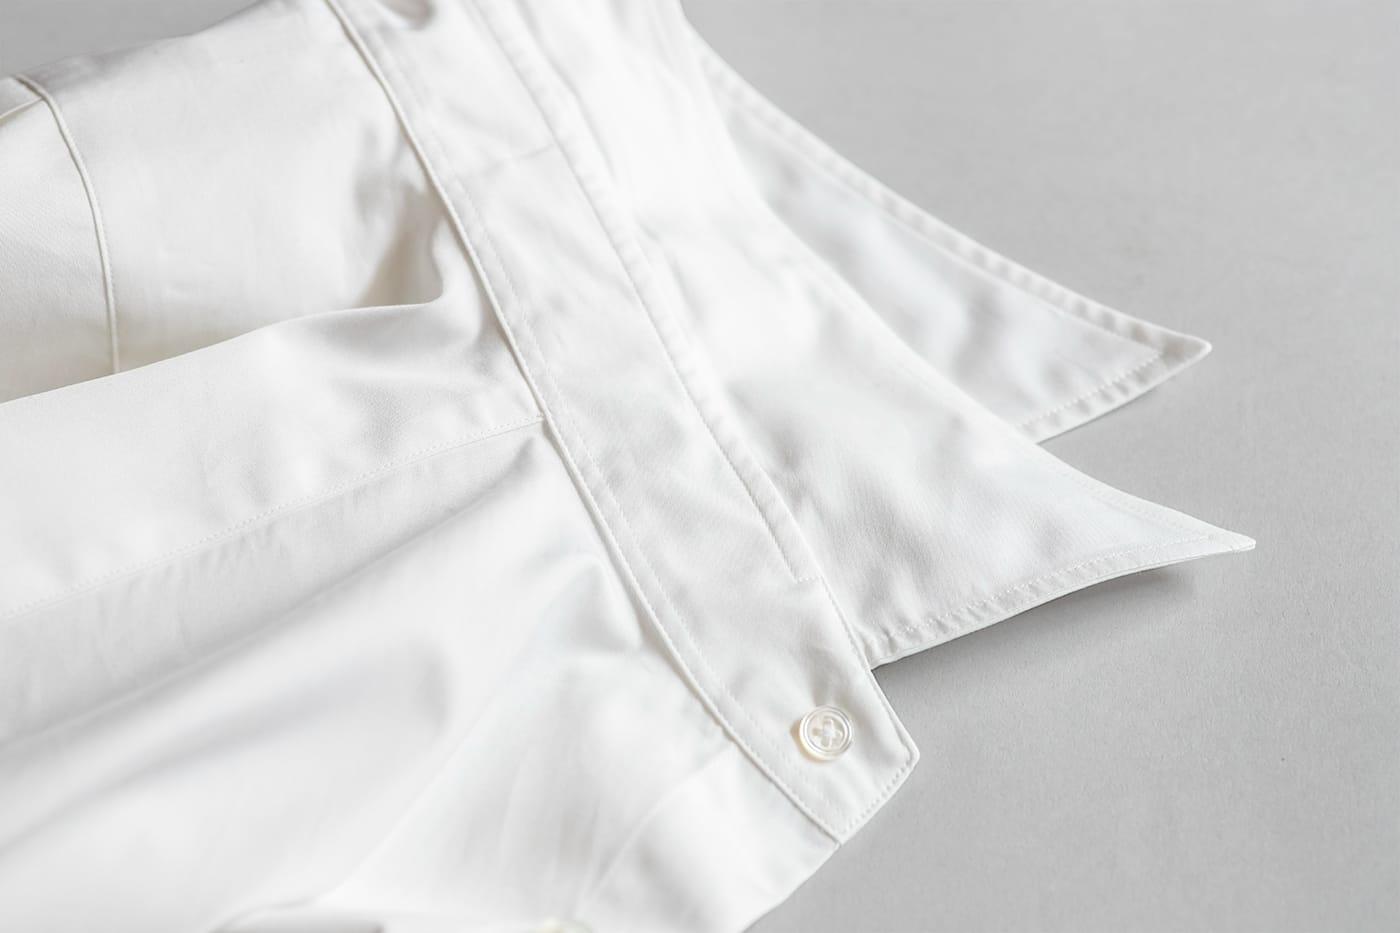 ドレスシャツ「ロンドン」 カラーステイを排して、襟の柔らかさを最大限発揮